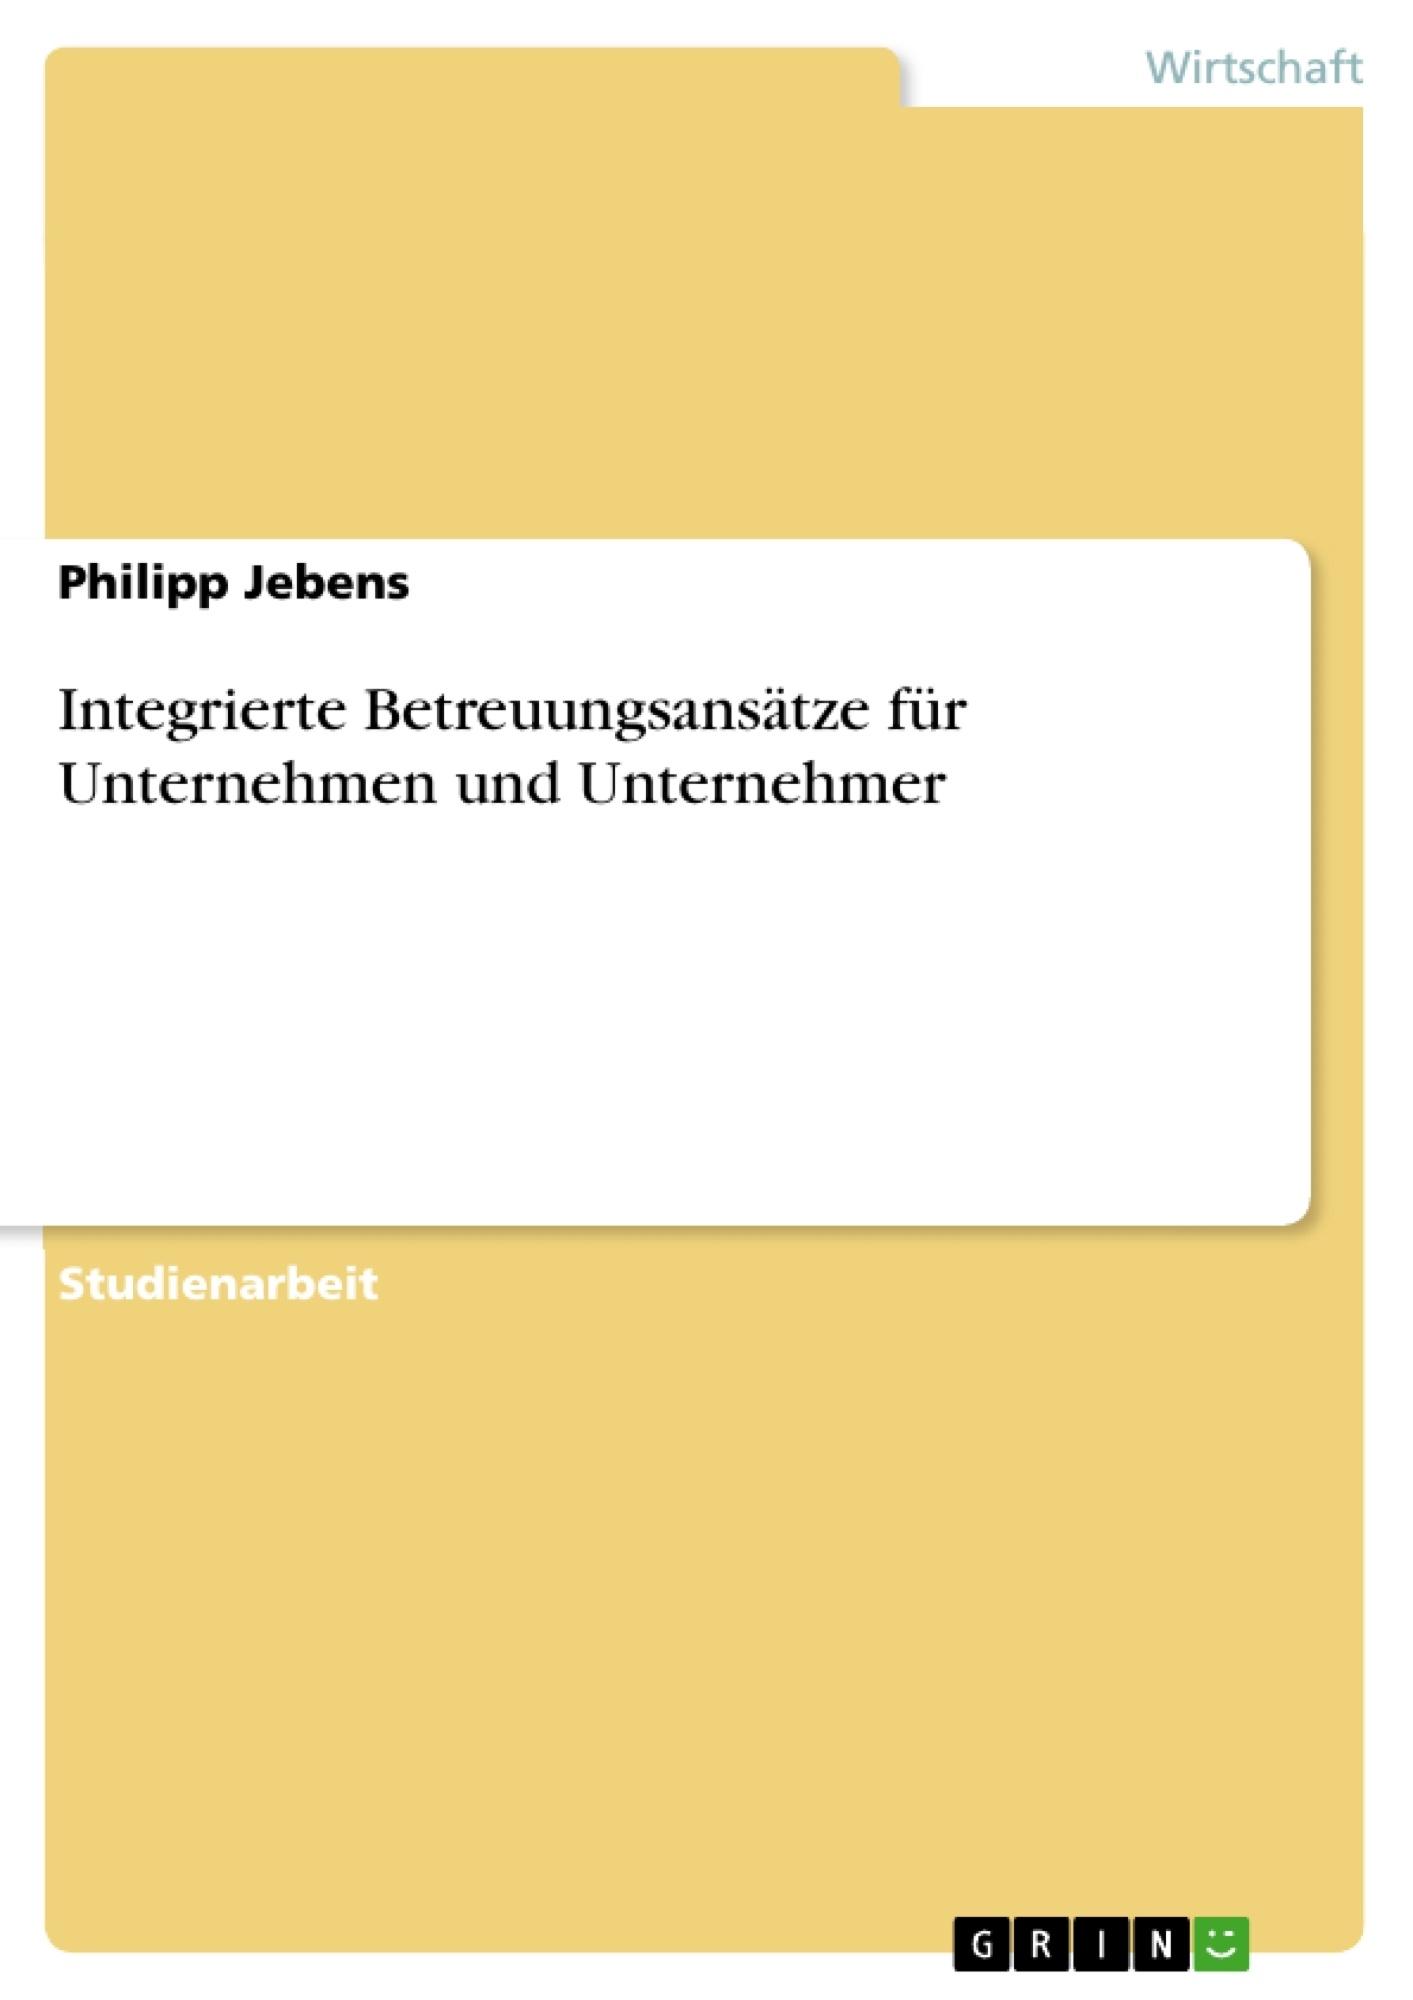 Titel: Integrierte Betreuungsansätze für Unternehmen und Unternehmer